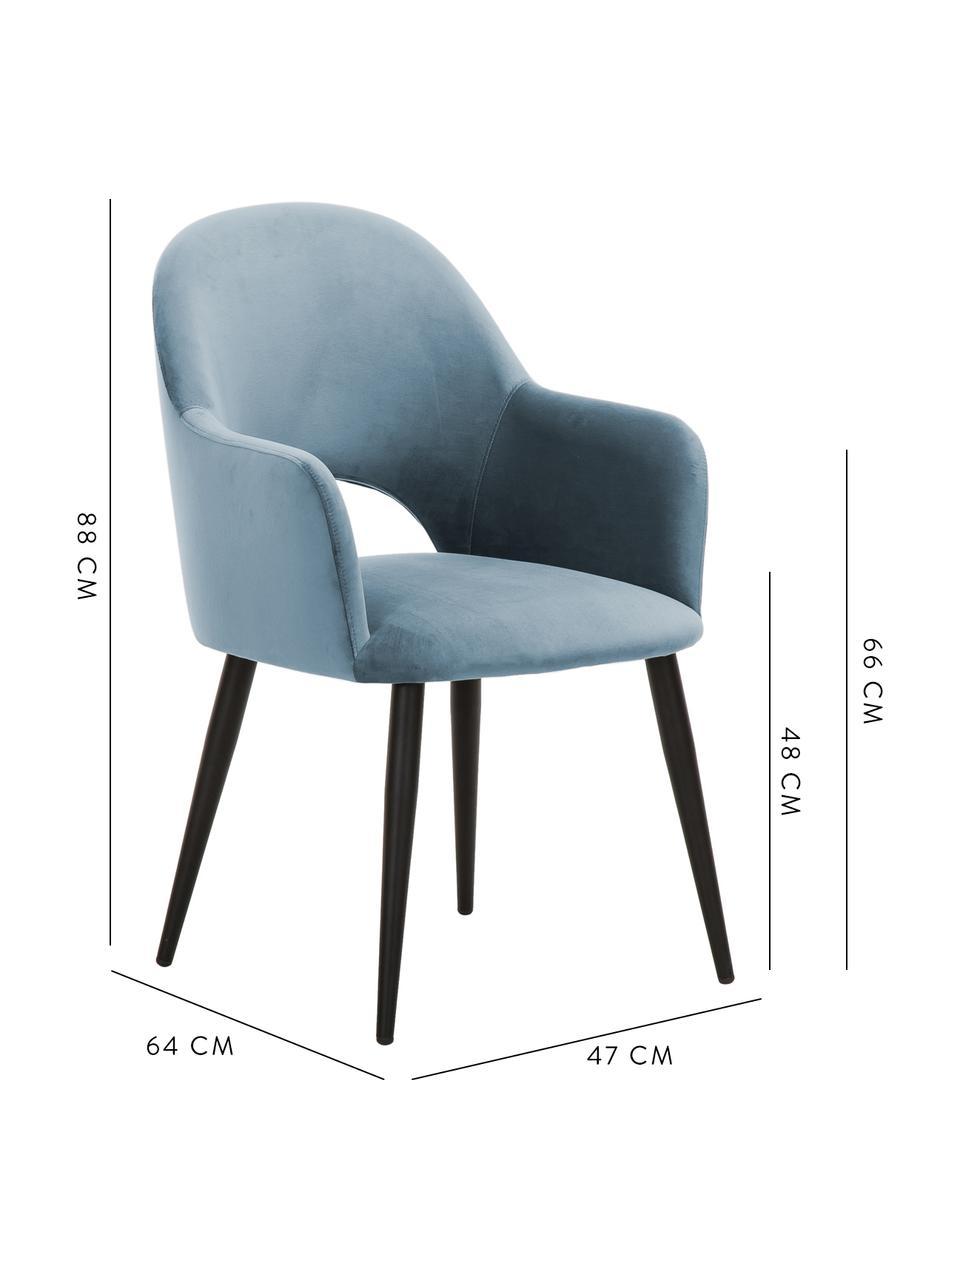 Sedia con braccioli in velluto azzurro Rachel, Rivestimento: velluto (poliestere) Il r, Gambe: metallo verniciato a polv, Velluto azzurro, Larg. 64 x Prof. 47 cm